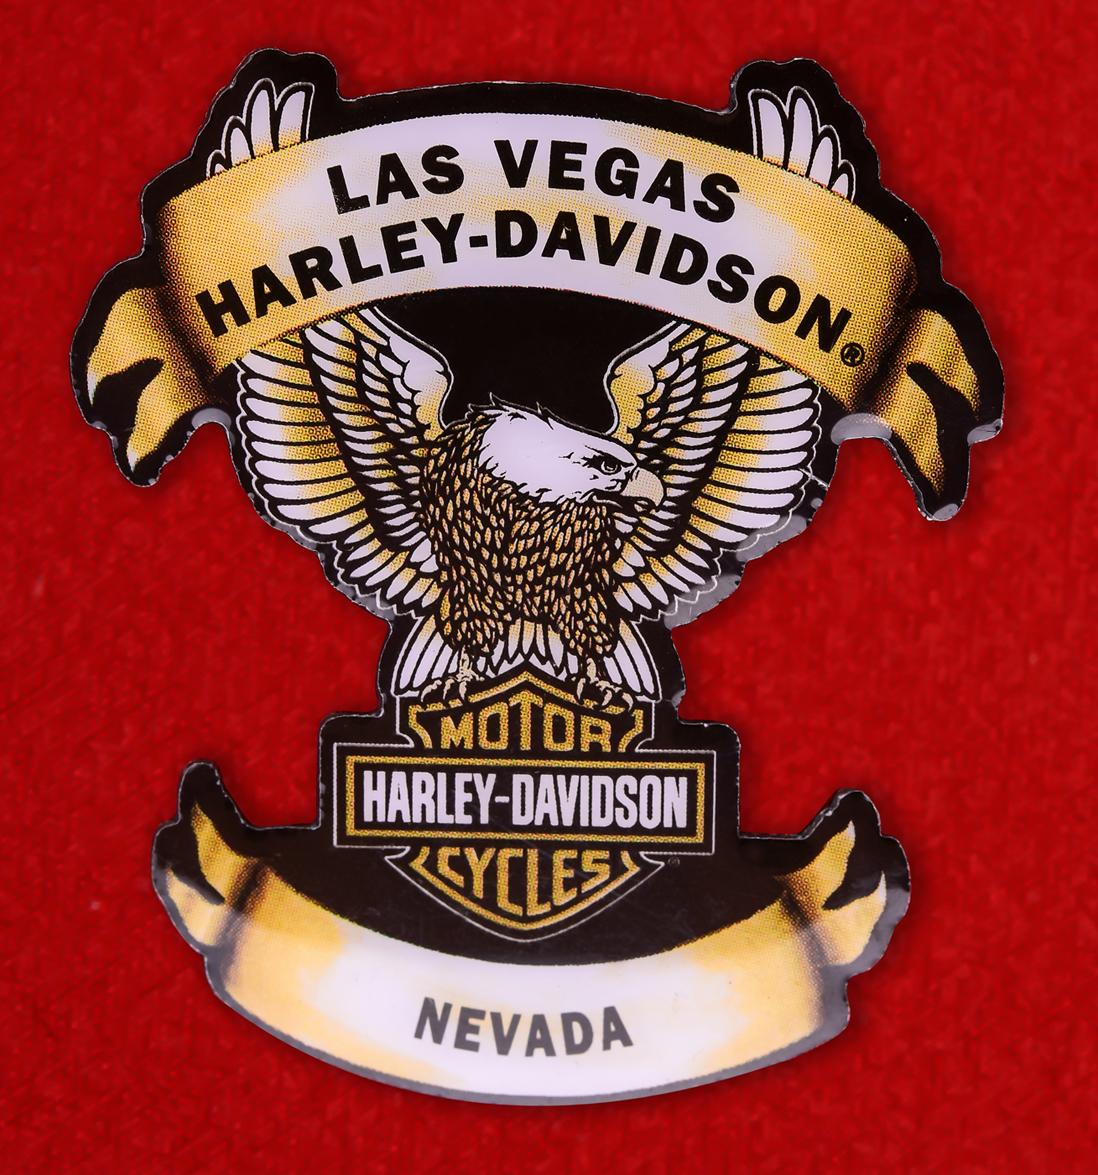 Прикольные мужские значки для байкеров